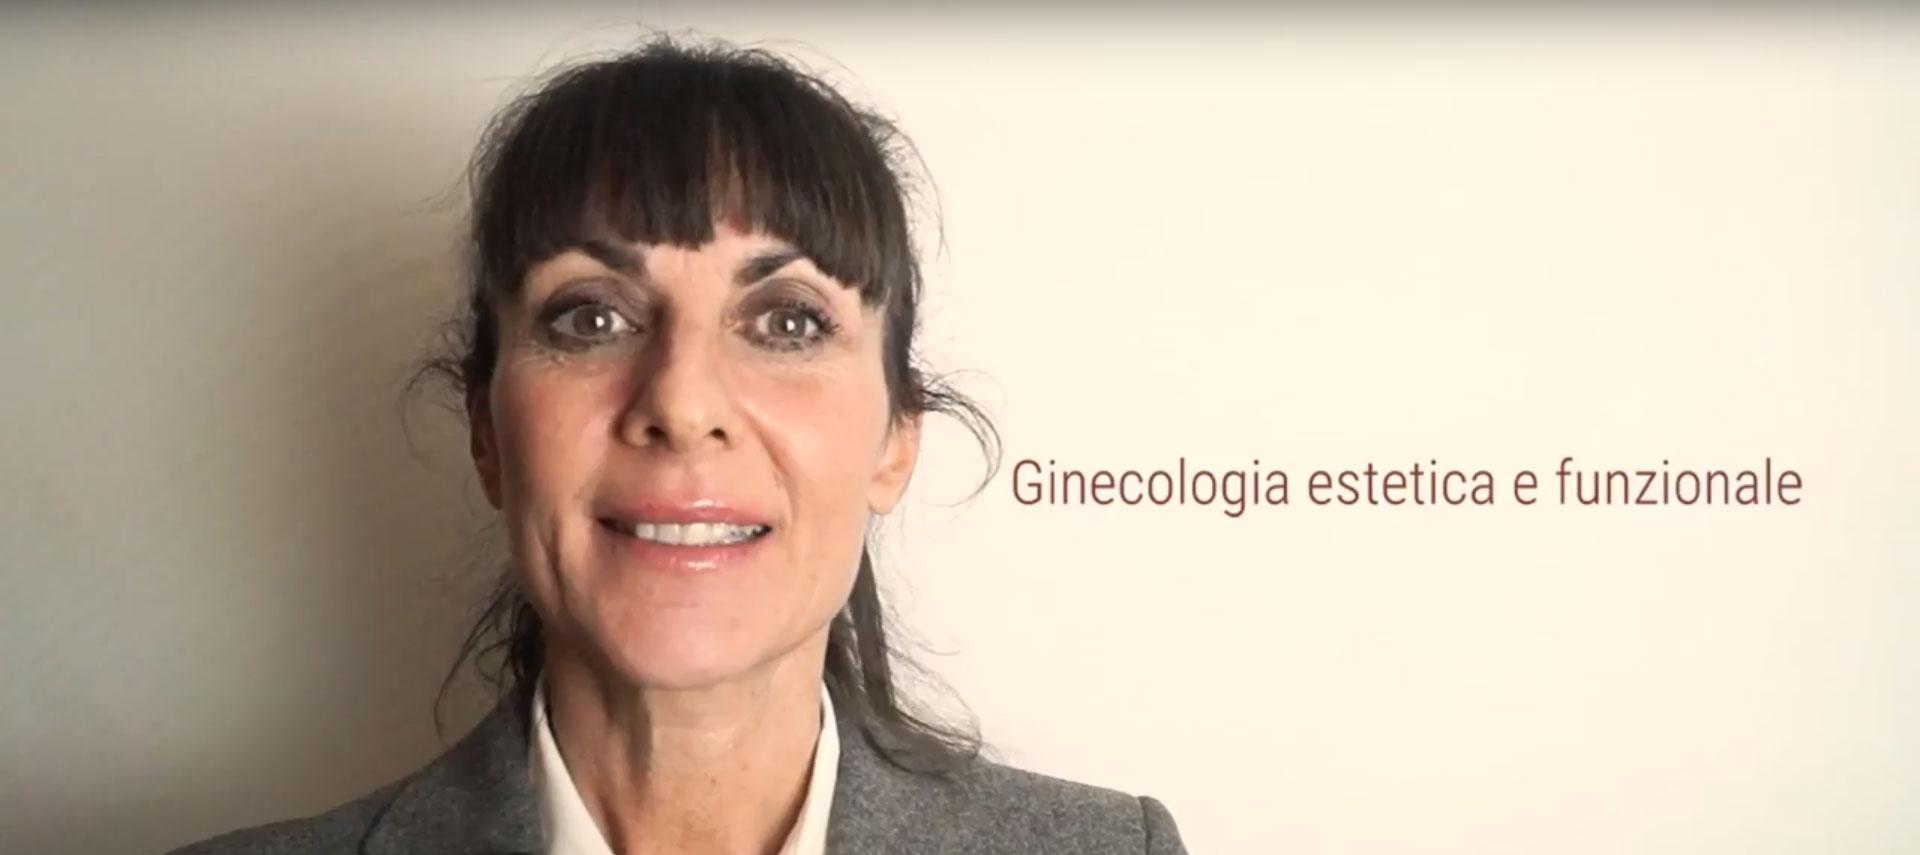 39° Congresso SIME - Intervista alla Dott.ssa Elena Fasola